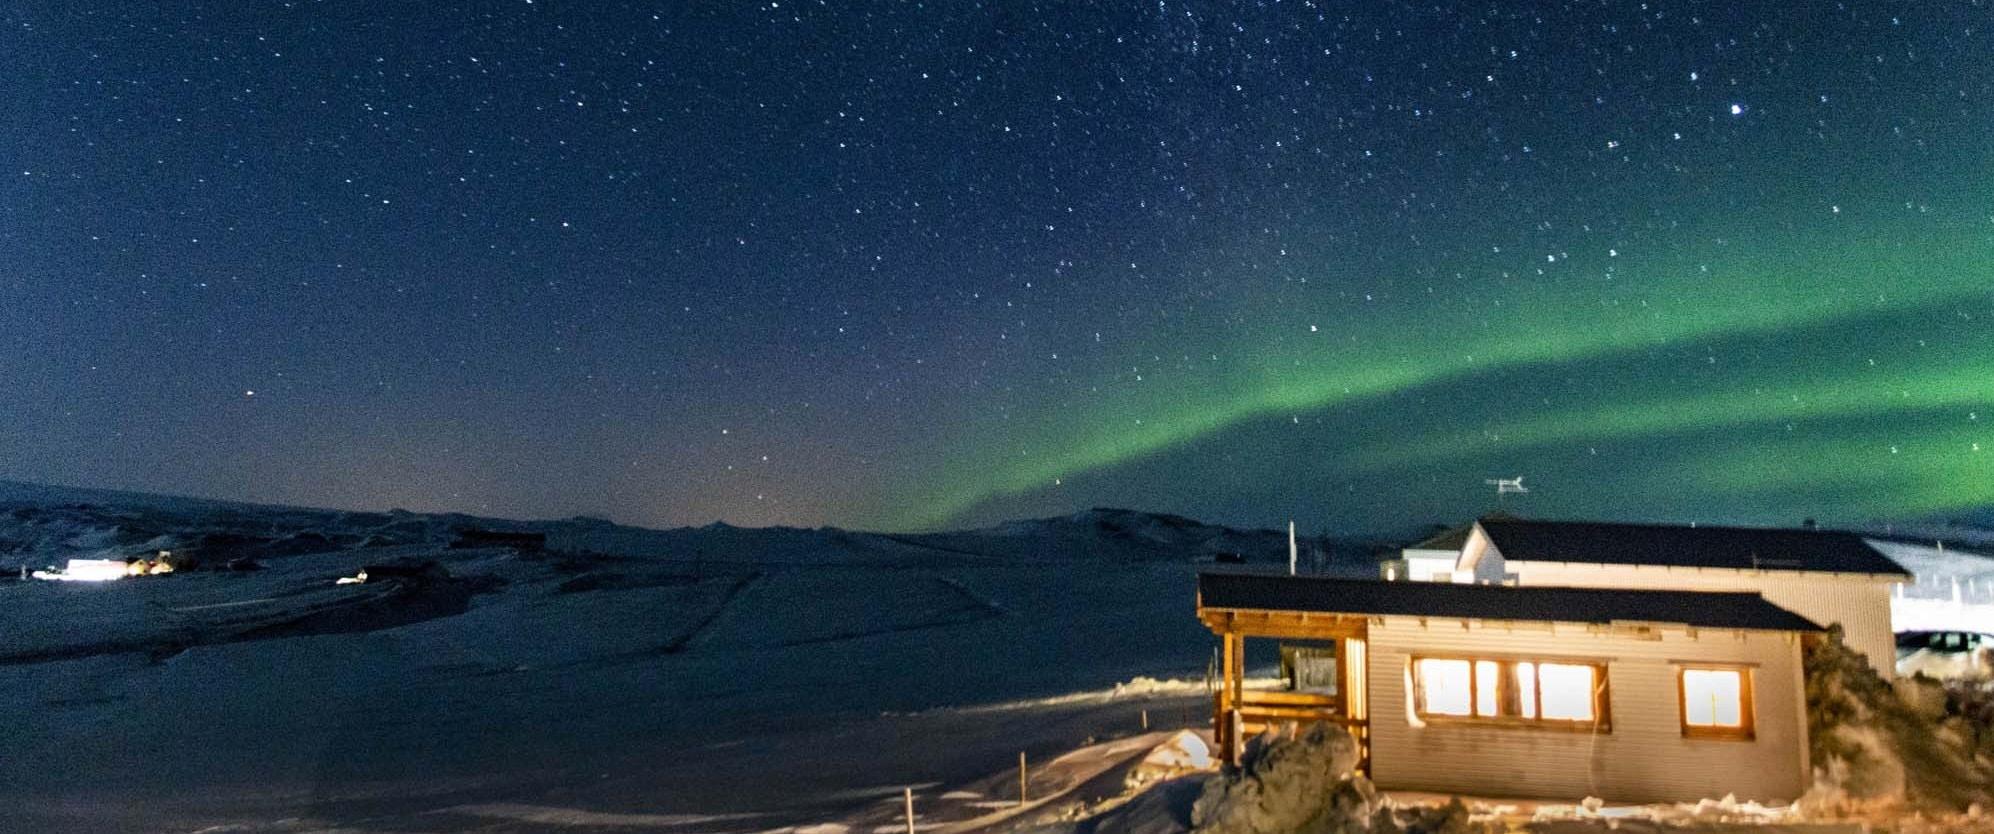 Wszystko, co musisz wiedzieć, żeby zobaczyć zorzę polarną na Islandii